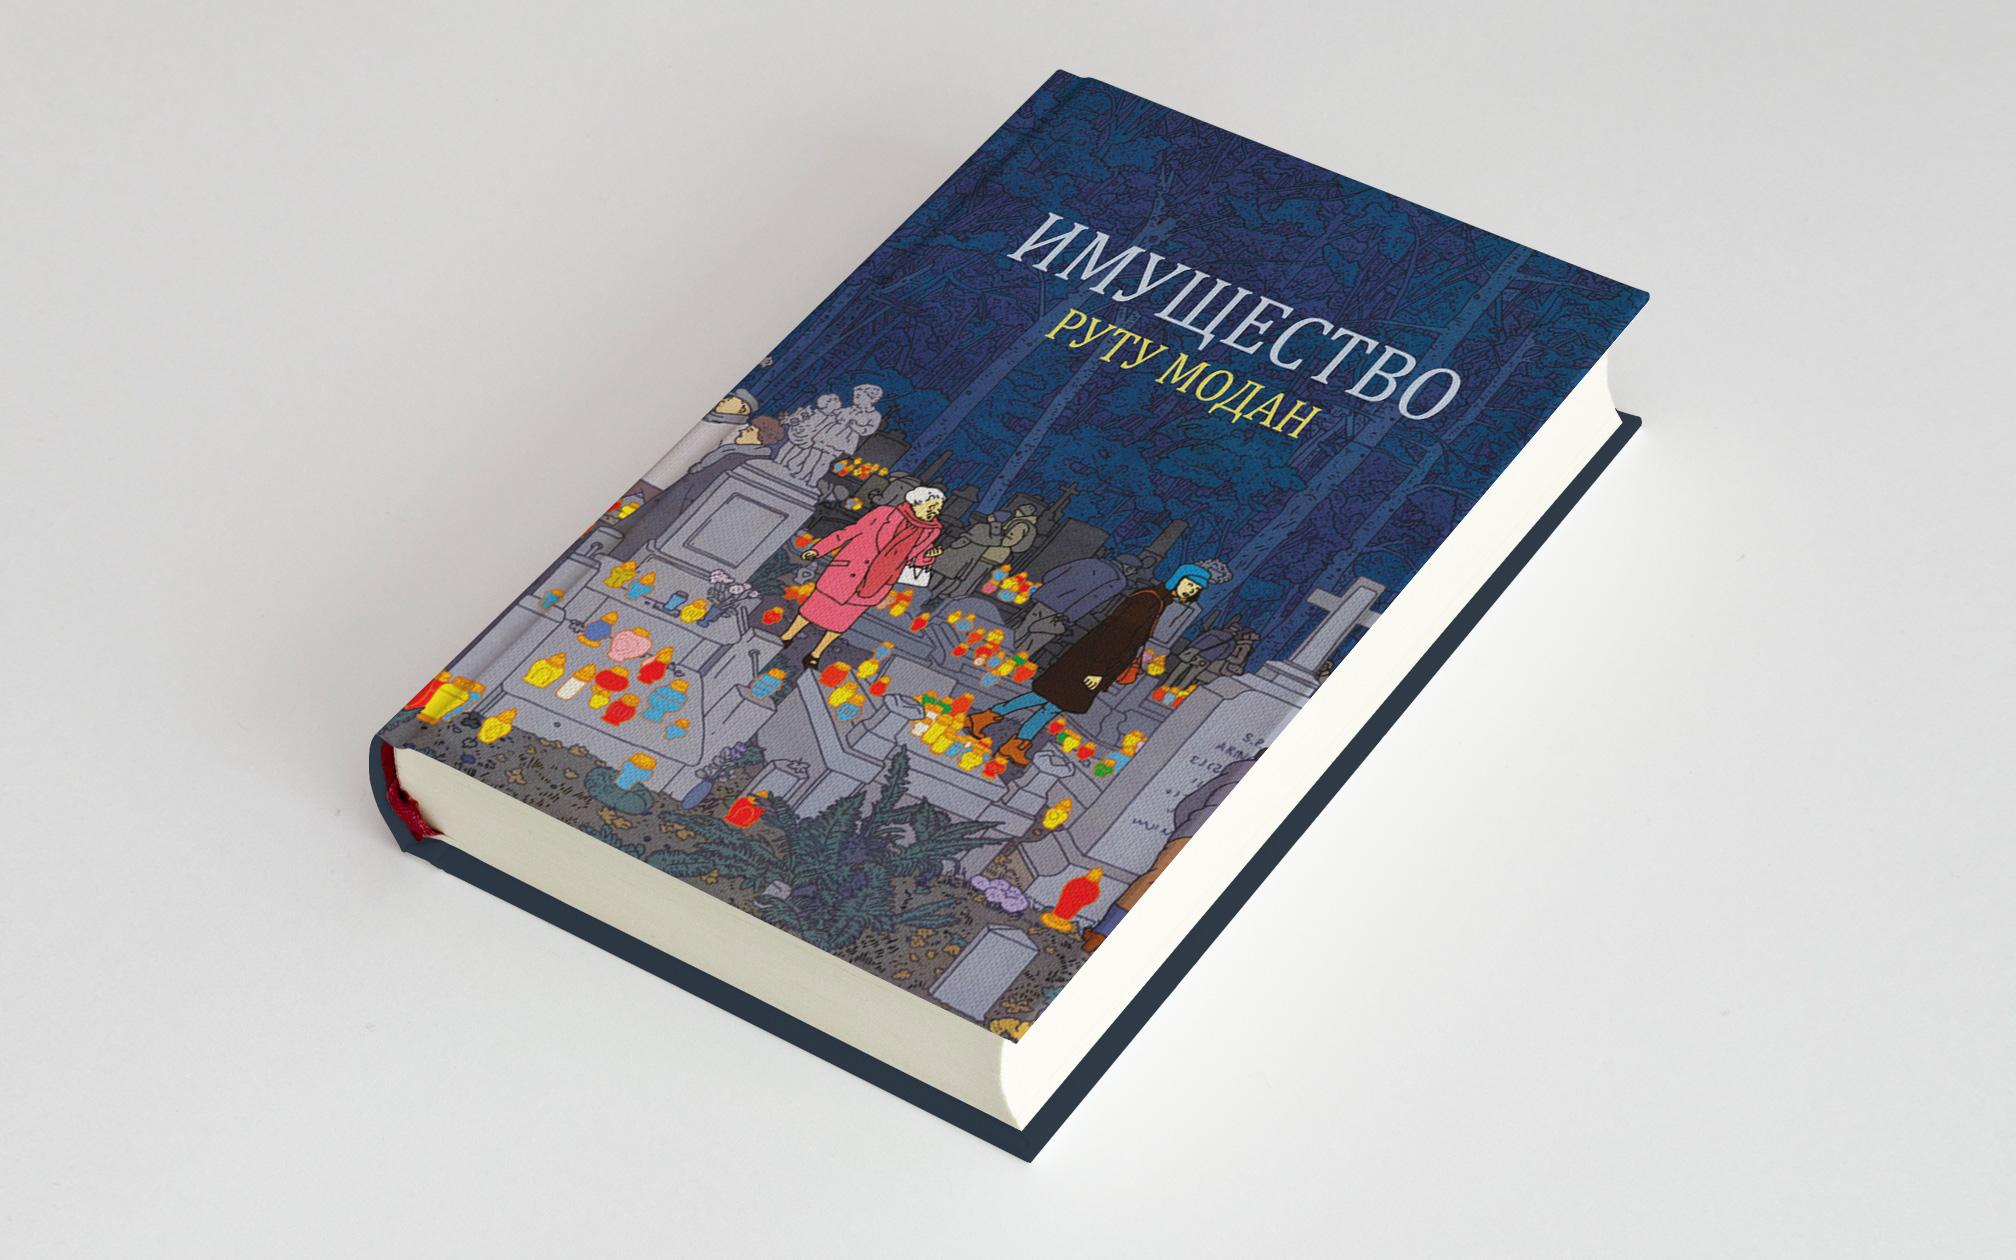 СПб: Бумкнига Перевод сиврита Елены Байбиковой